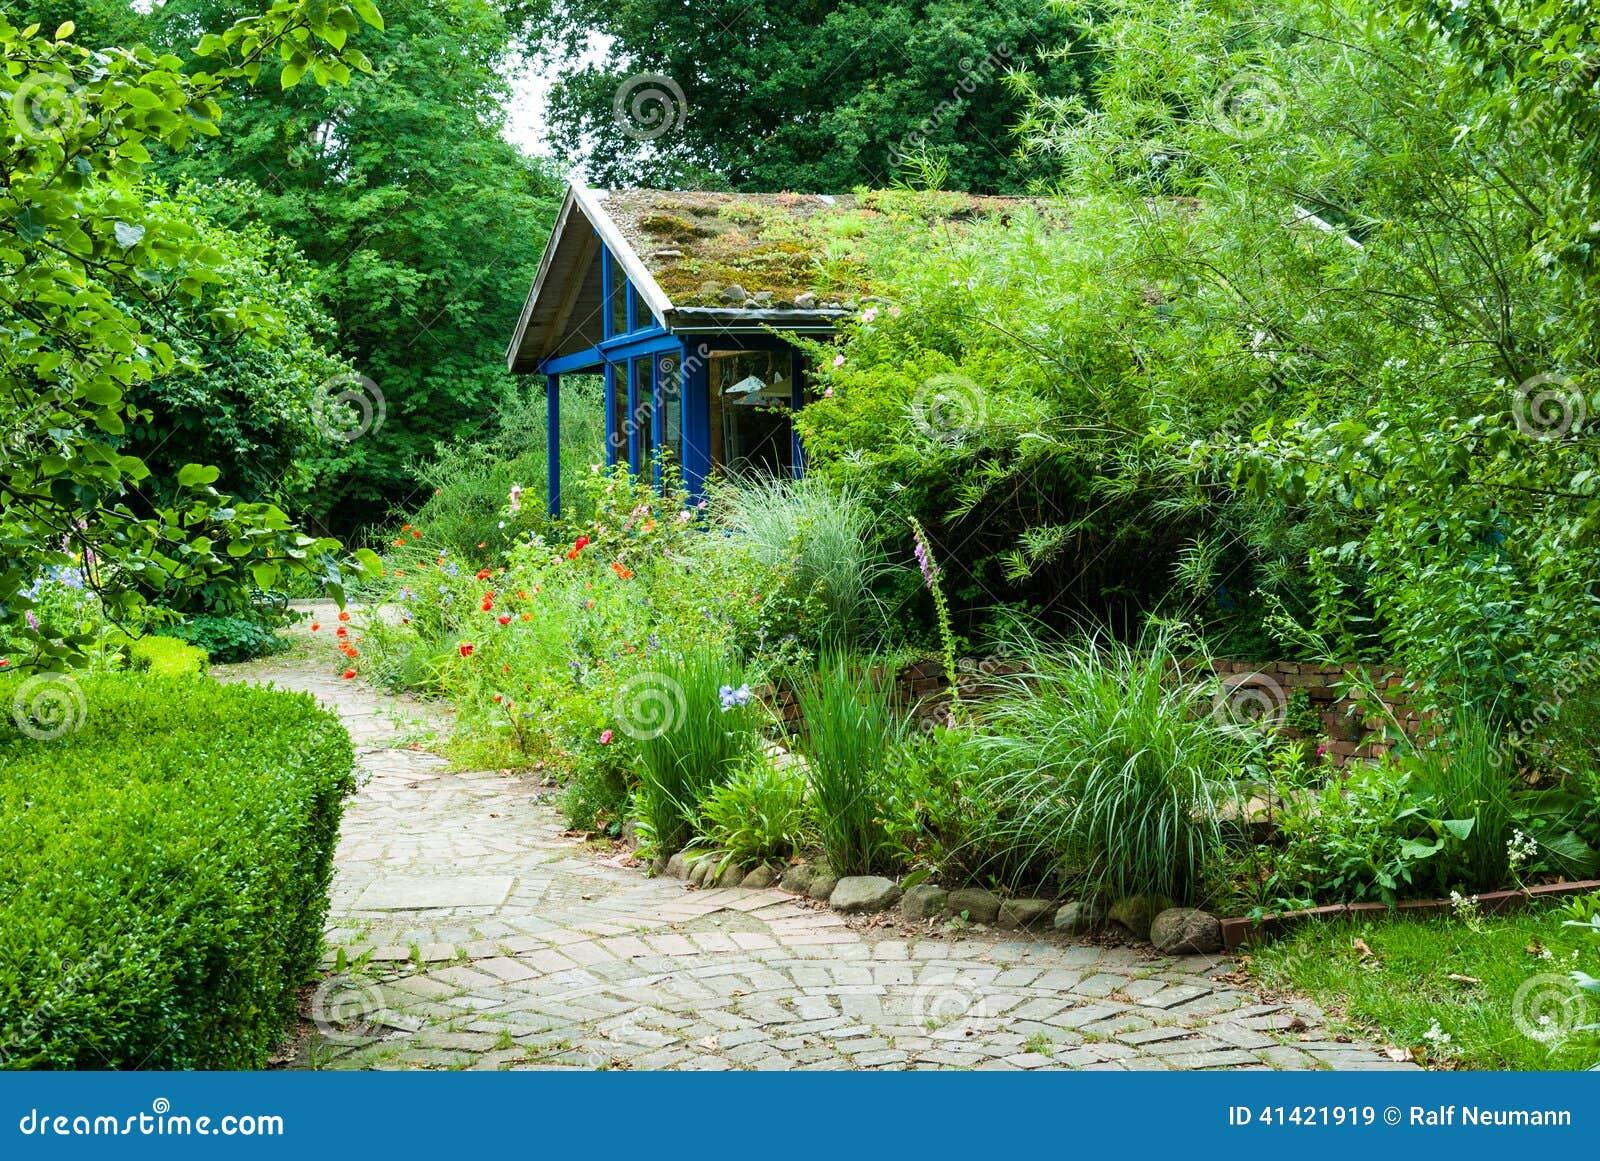 Le Jardin Naturel Lespinasse Of Chemin Et Cottage Dans Le Jardin Naturel Image Stock